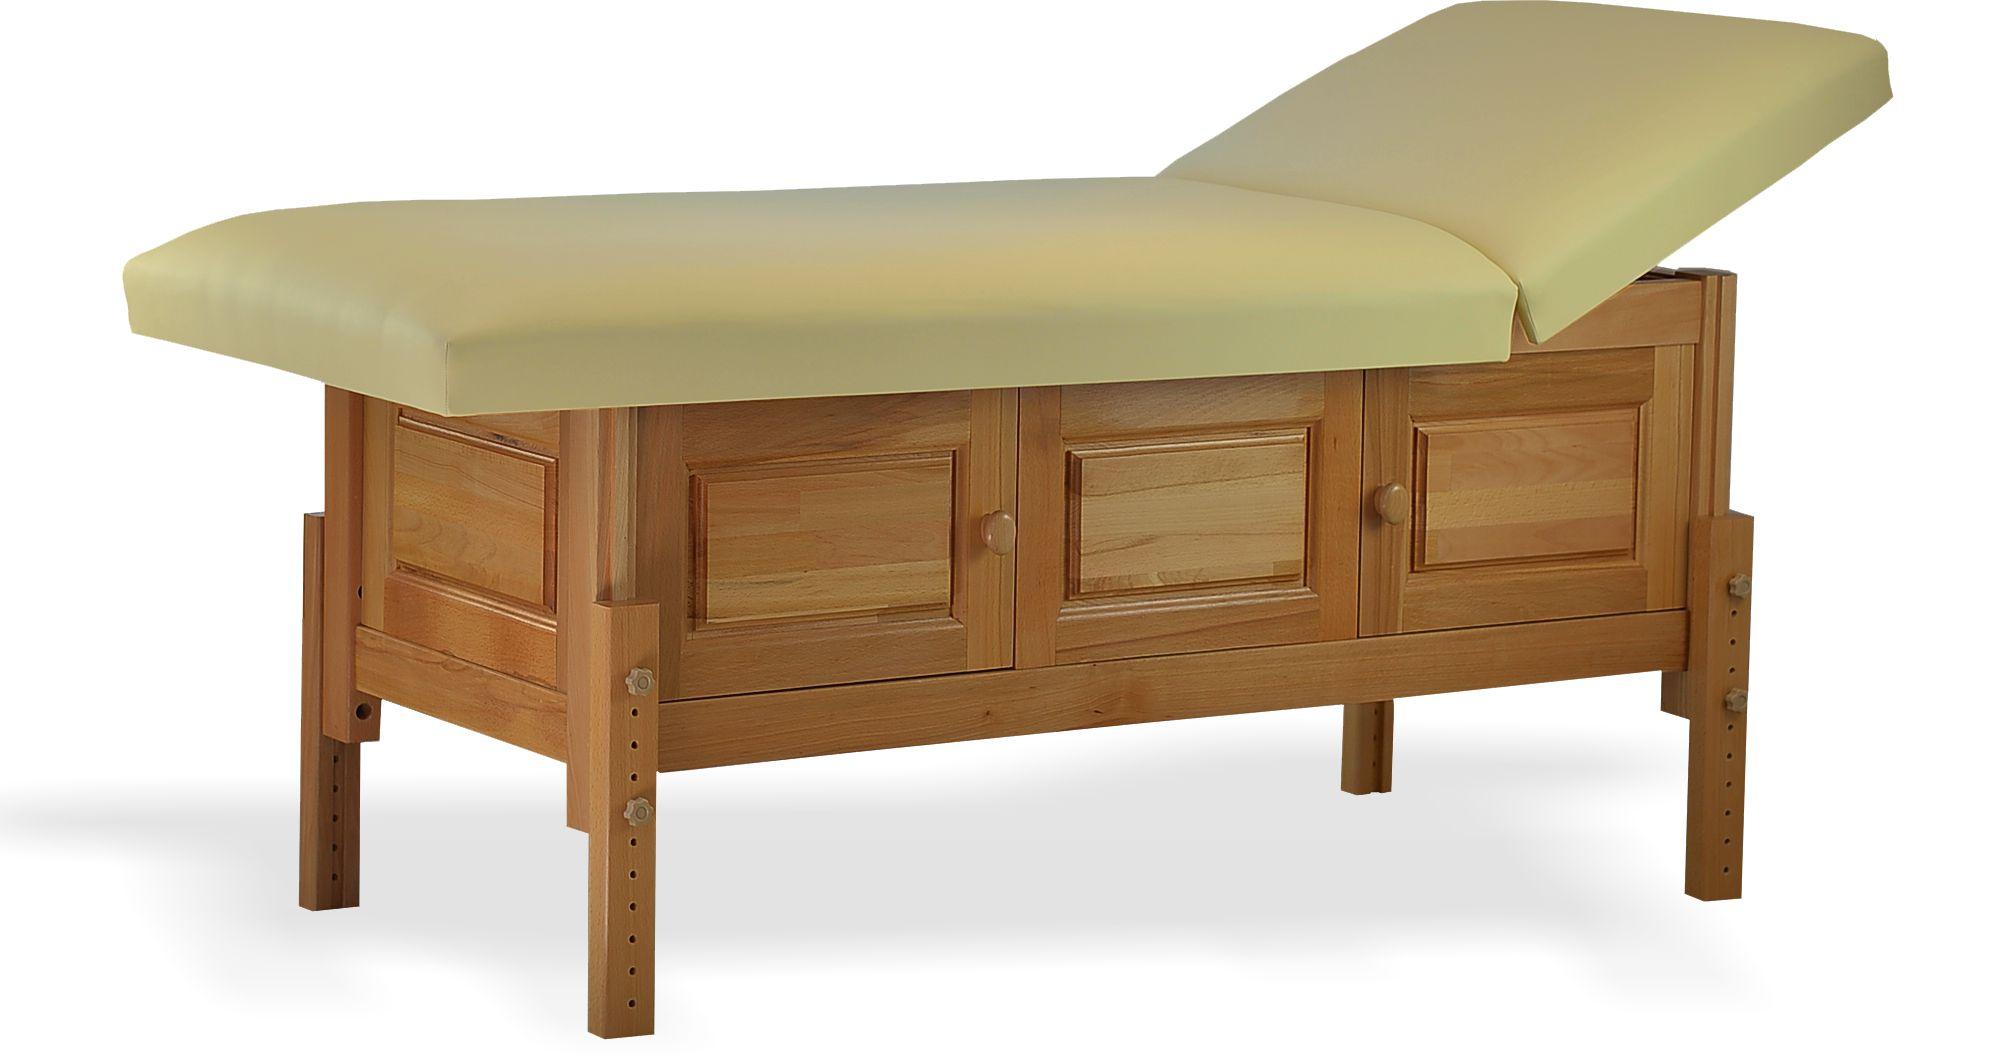 Masă de masaj staționară, model Bella, finisaj lemn natur, pernă două secțiuni, tapițerie crem, burete memo 5+2